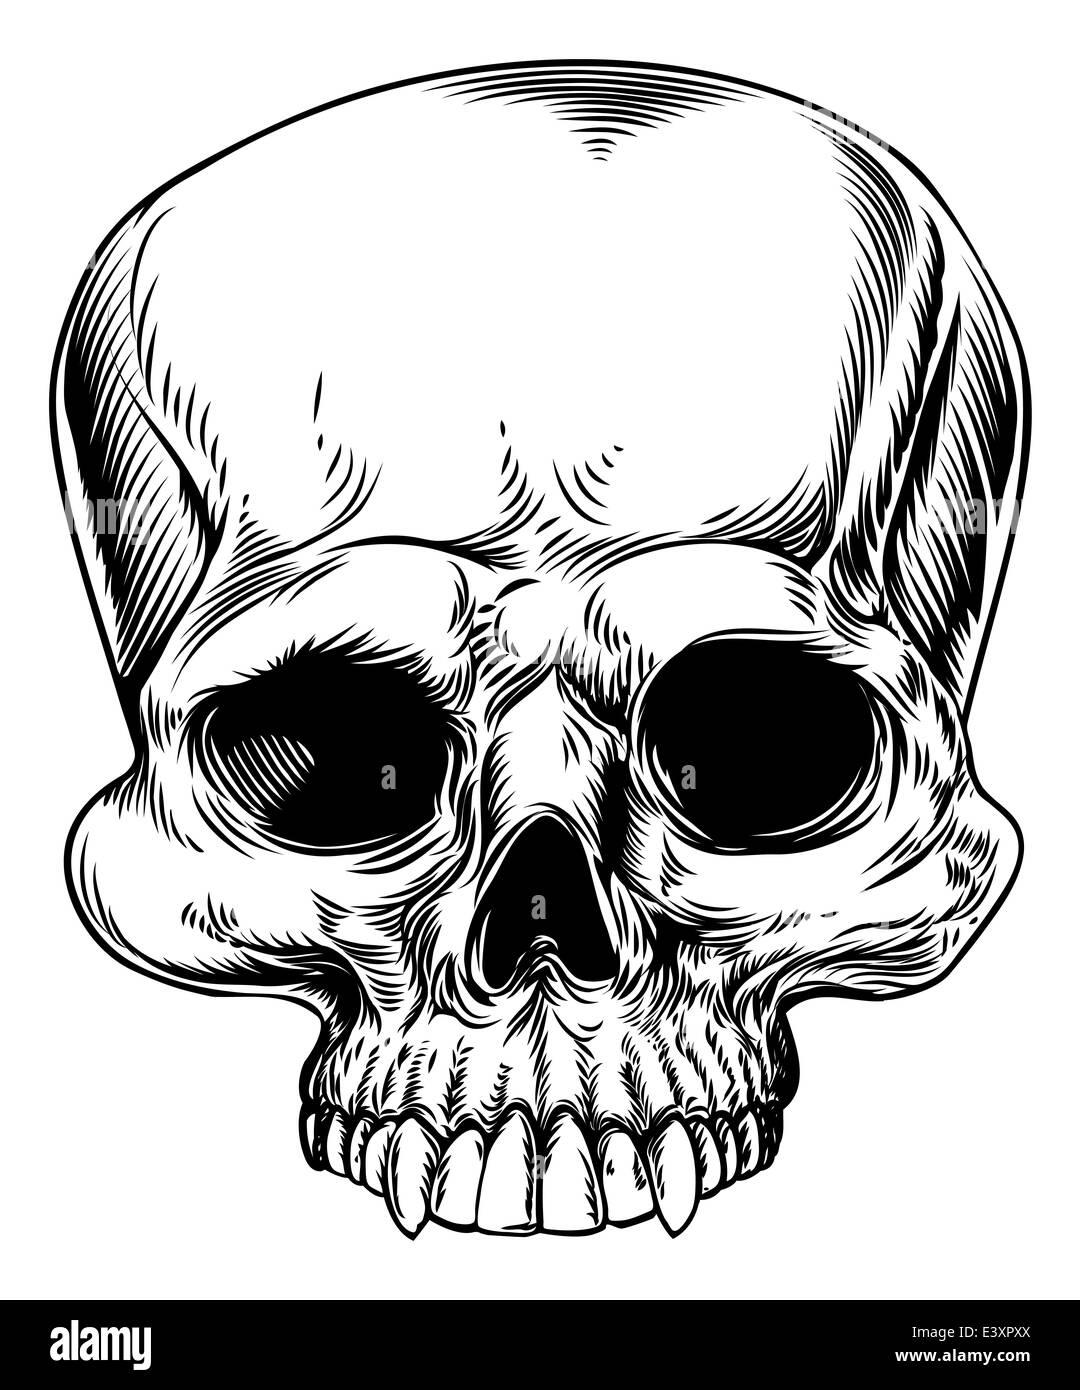 Un disegno di un teschio umano in un inciso xilografia style Immagini Stock 5a6c93da7793